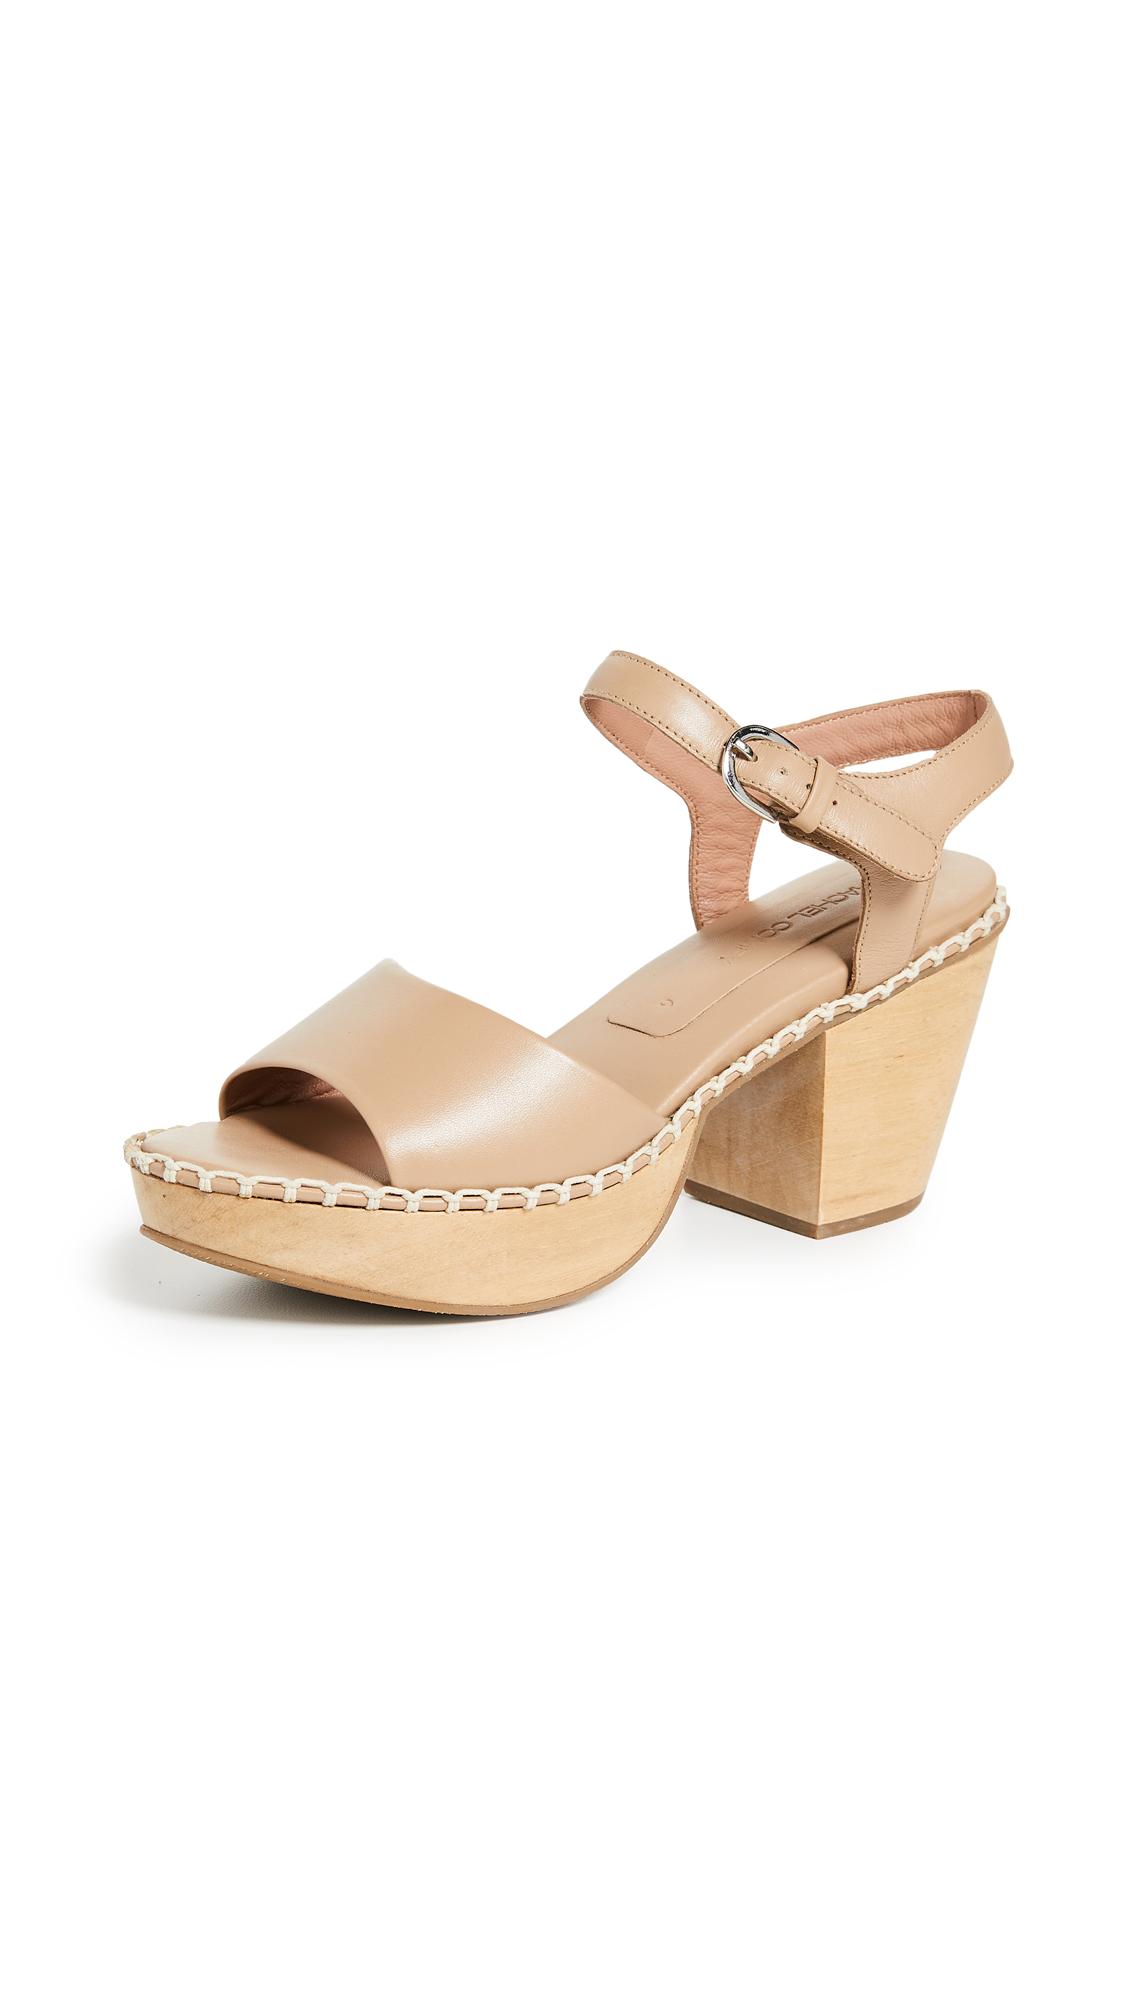 Rachel Comey Avid Clog Sandals In Stone